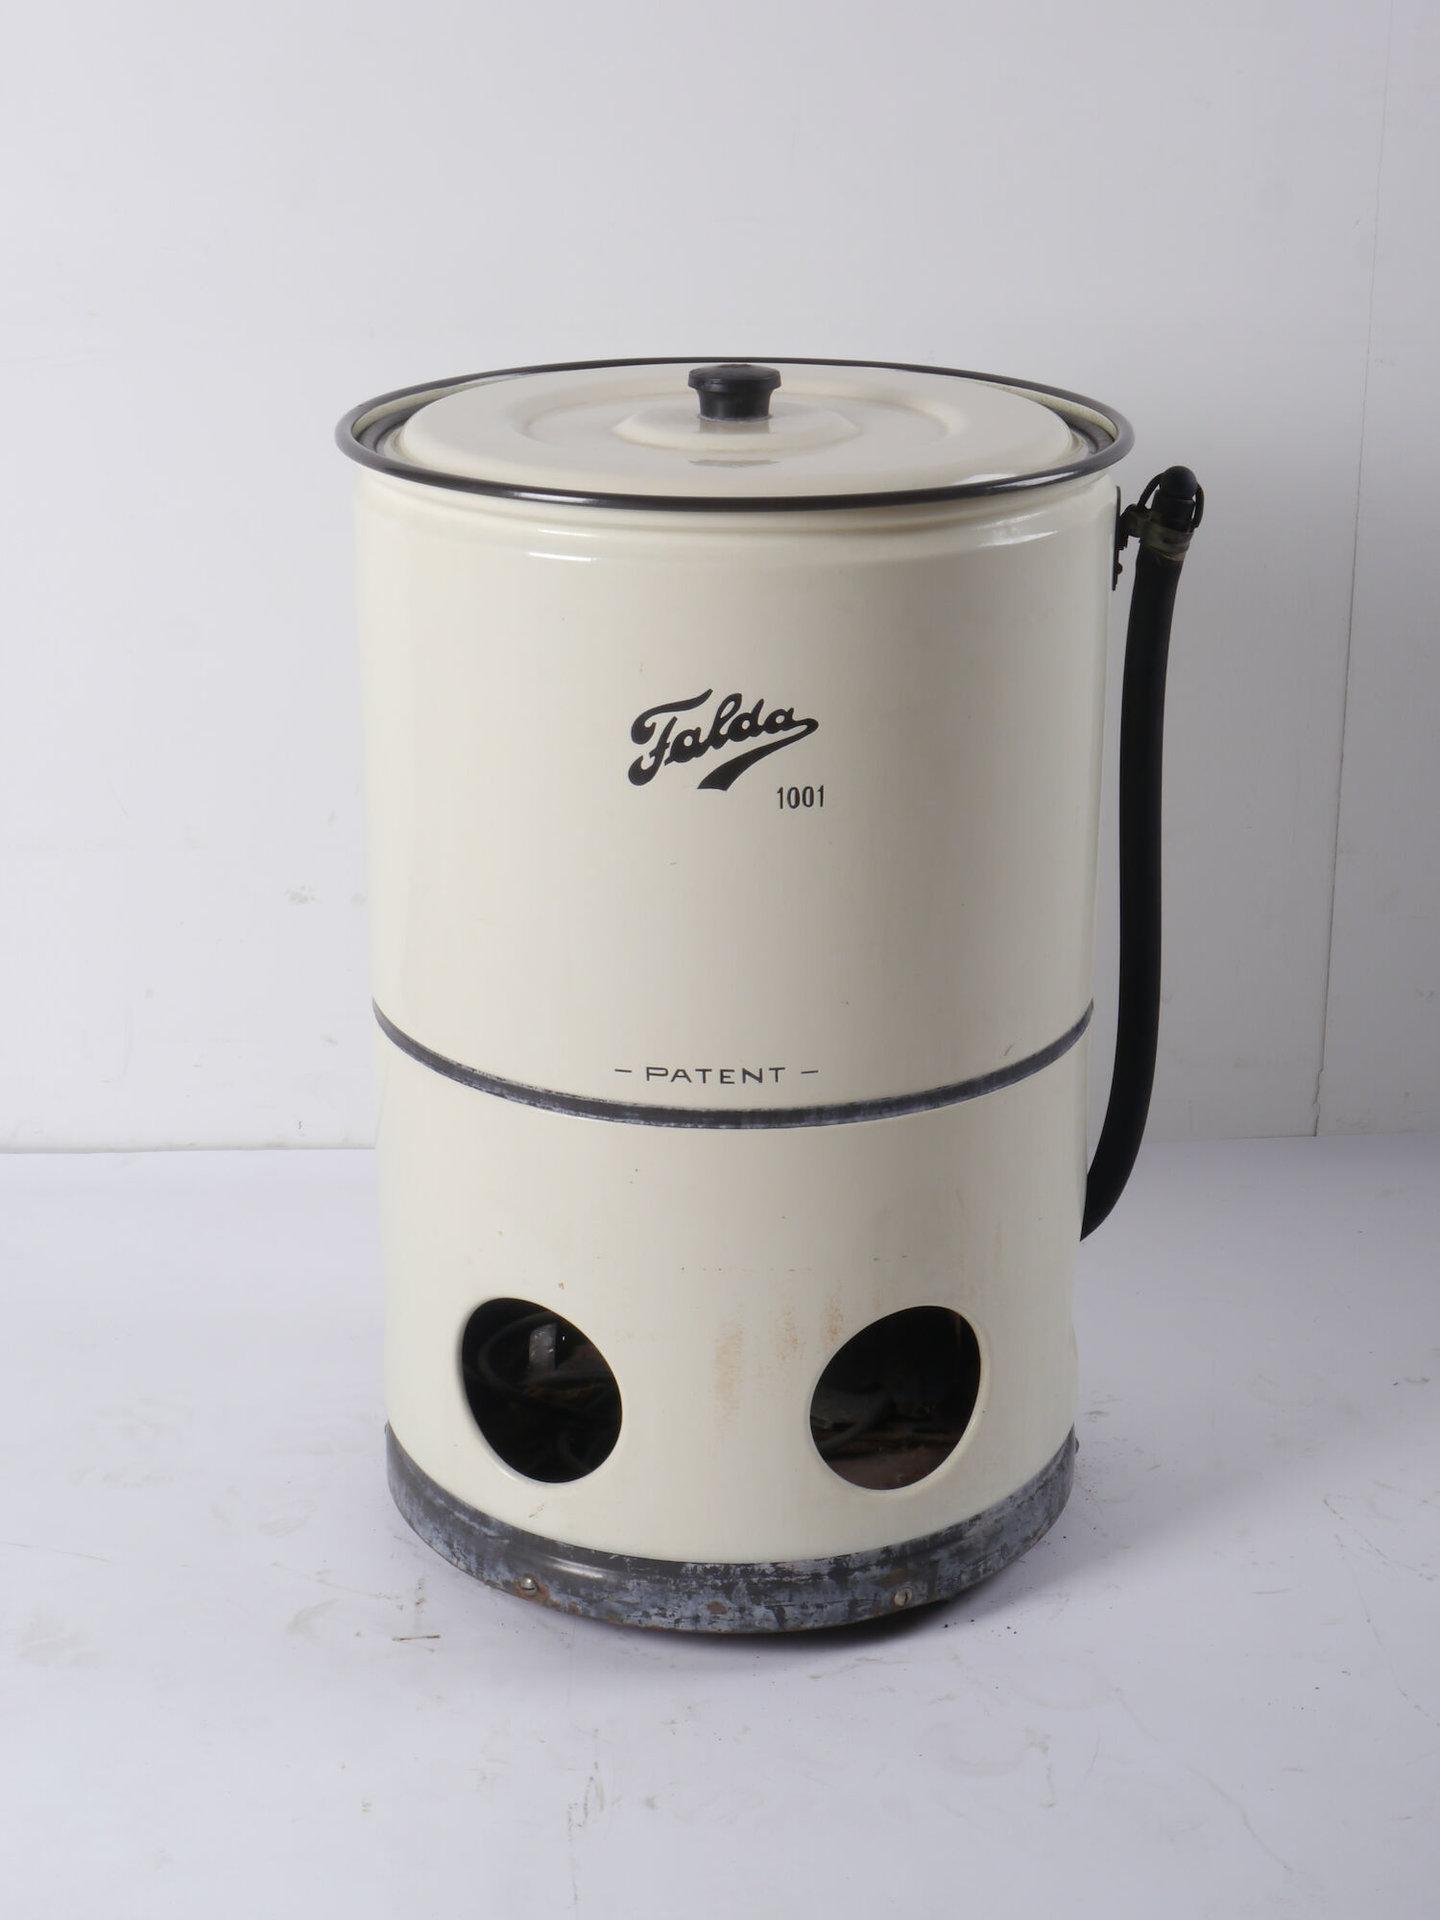 Elektrische wasmachine van het merk Falda